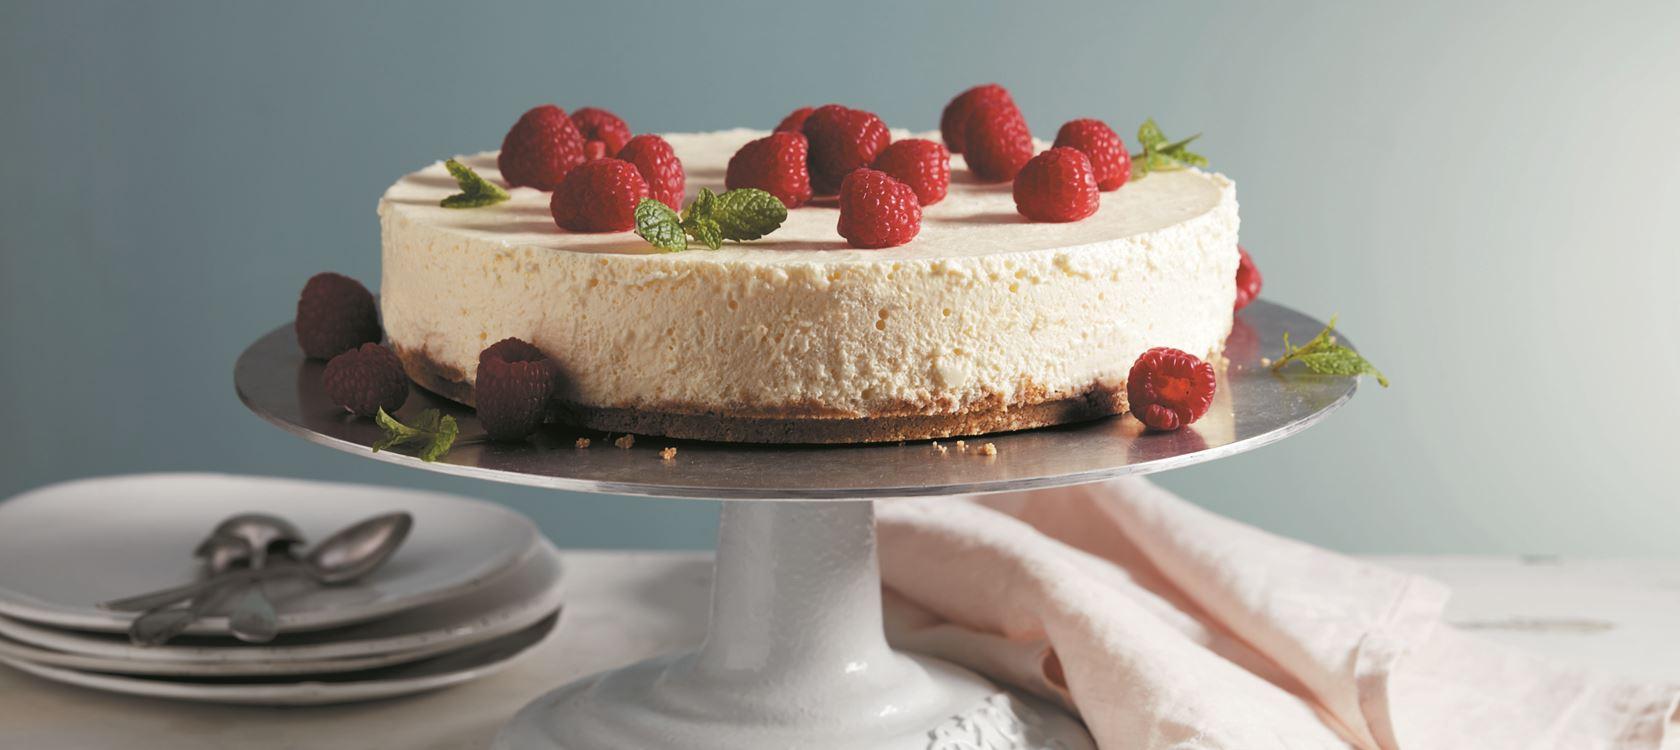 Make Ahead Cheesecake